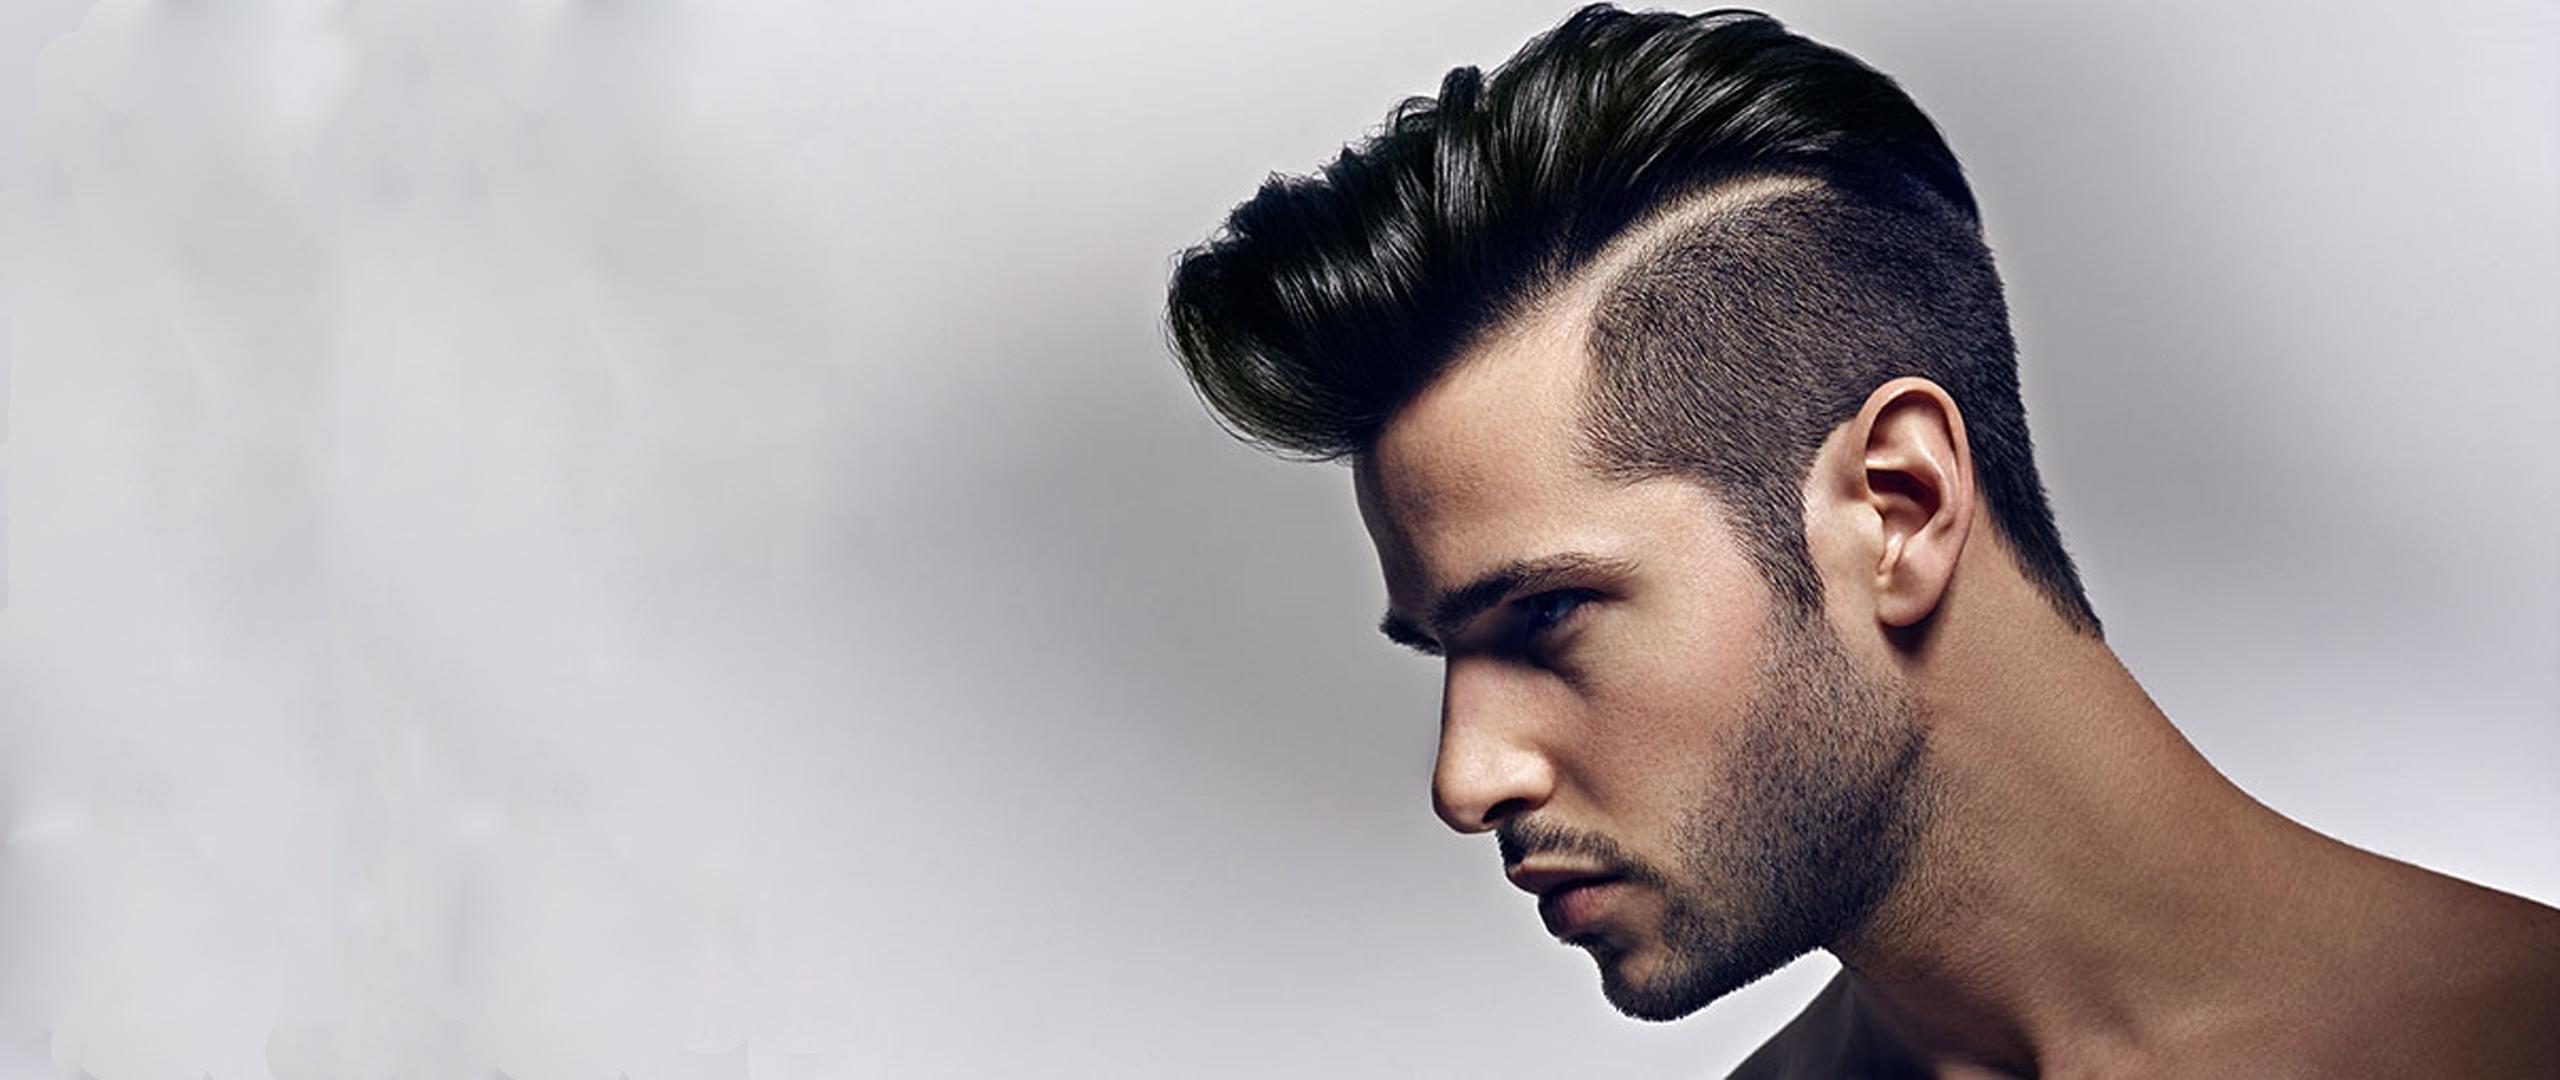 adam's fashion coiffure - coiffure mixte, hommes, femmes